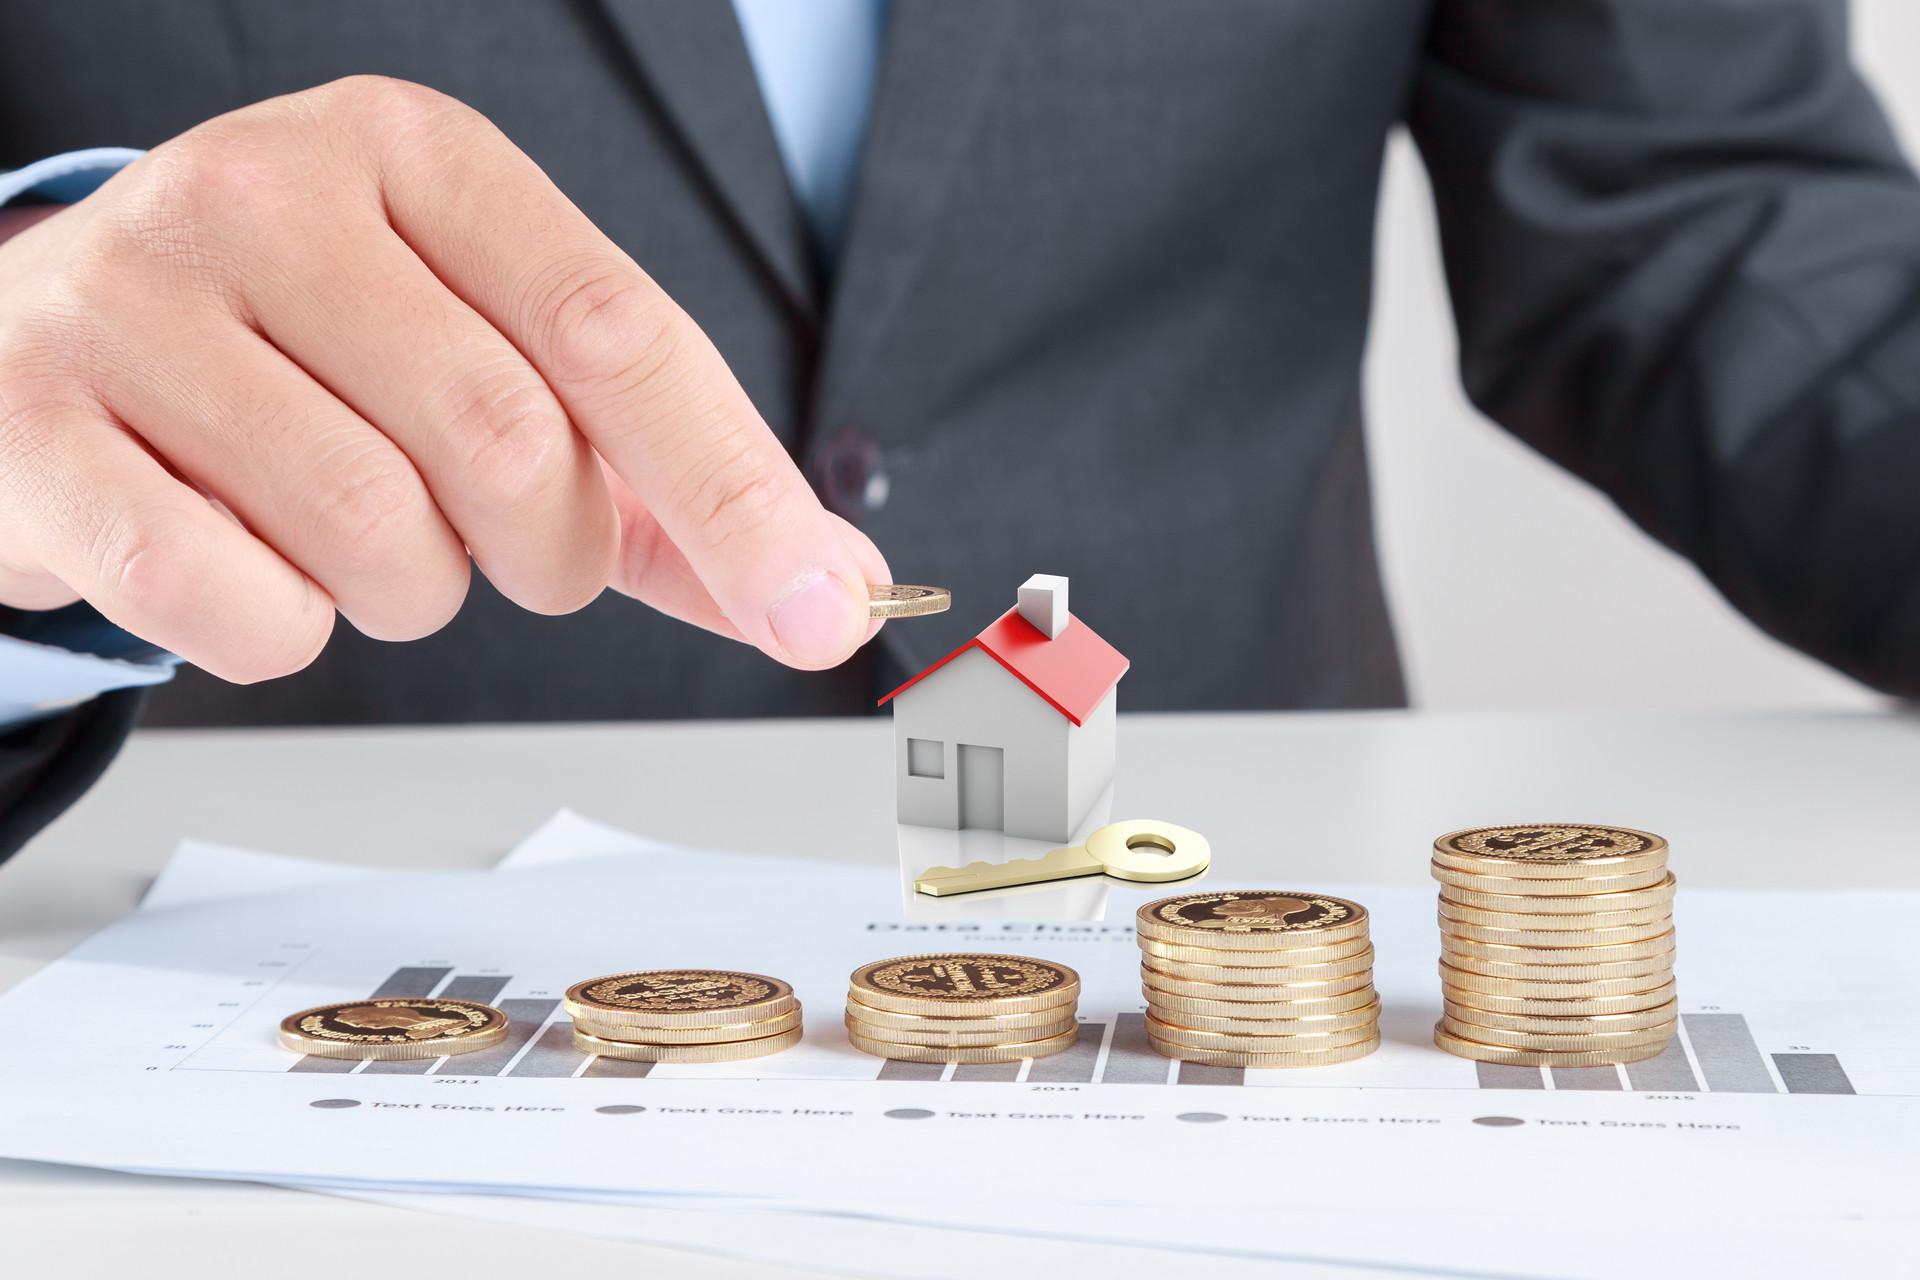 期房可以办理抵押贷款吗,期房办理抵押贷款的流程是什么